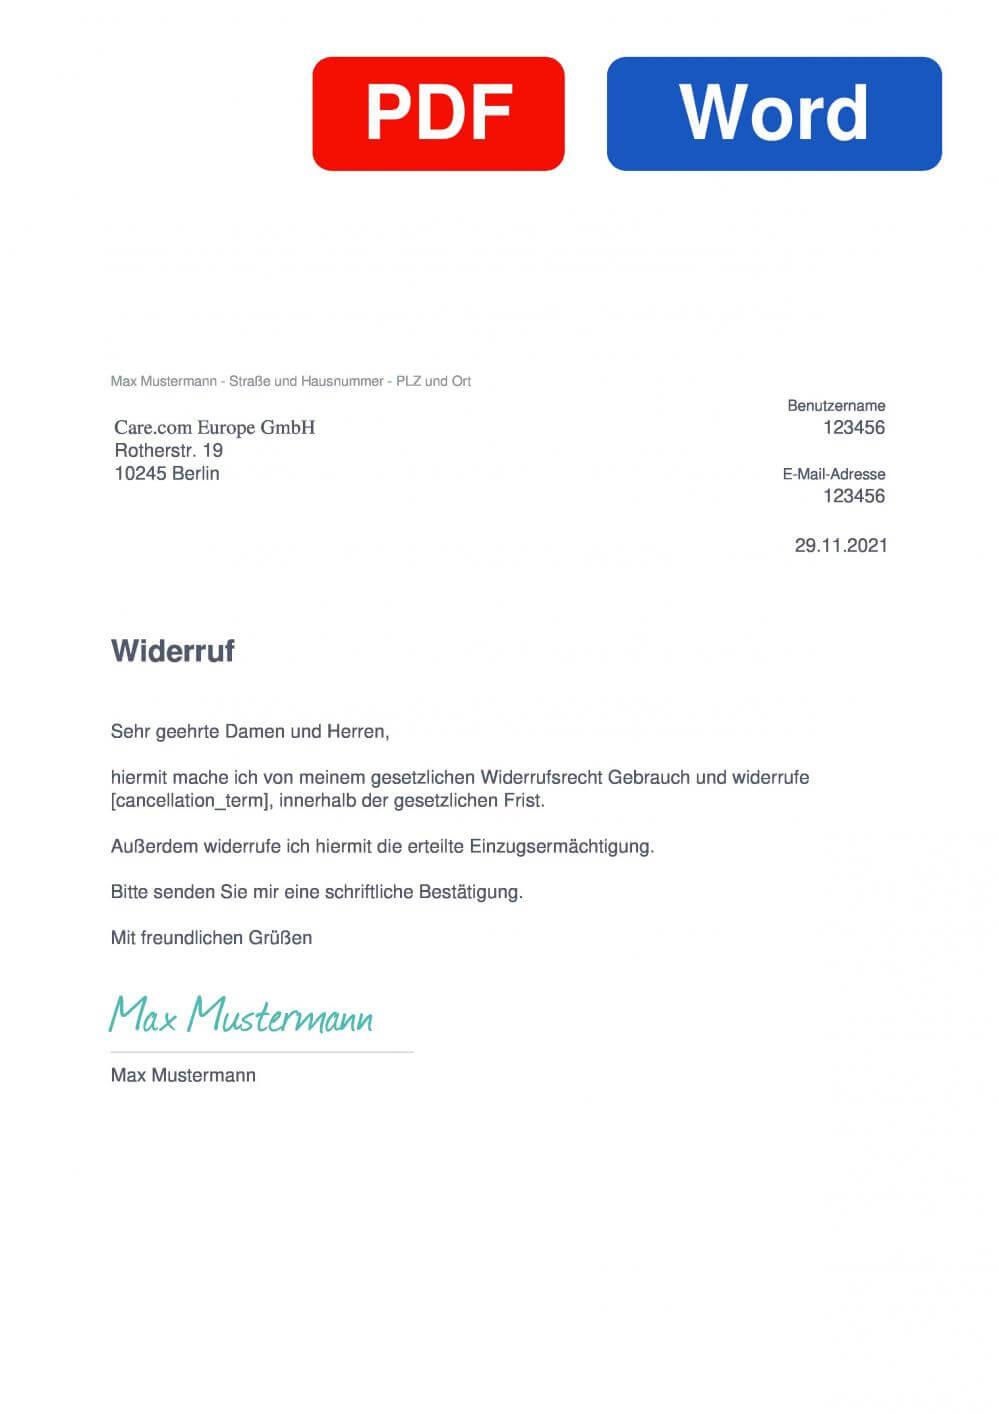 Betreut.de Muster Vorlage für Wiederrufsschreiben